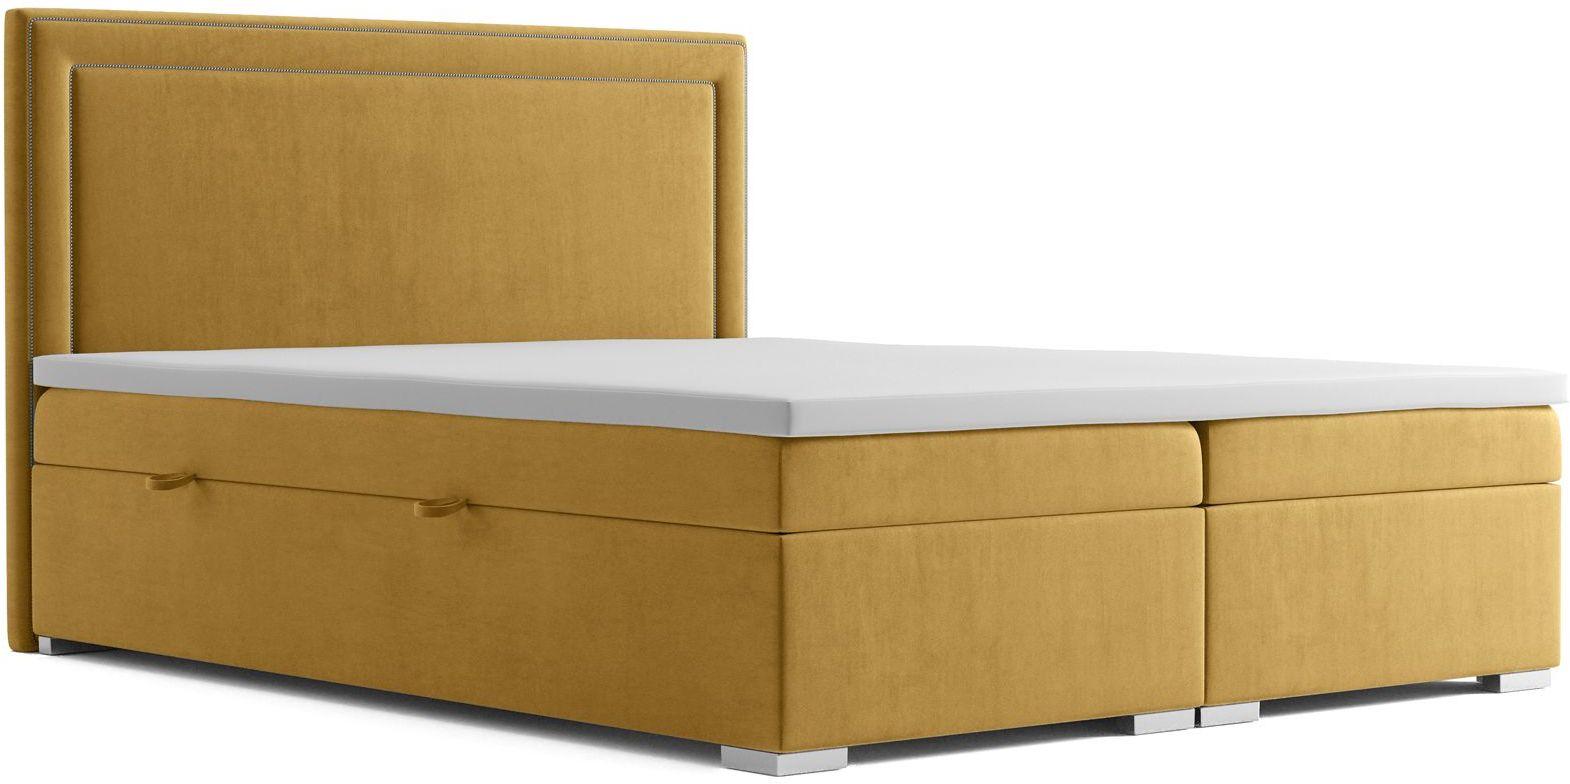 Łóżko kontynentalne Soho 120x200 - 58 kolorów